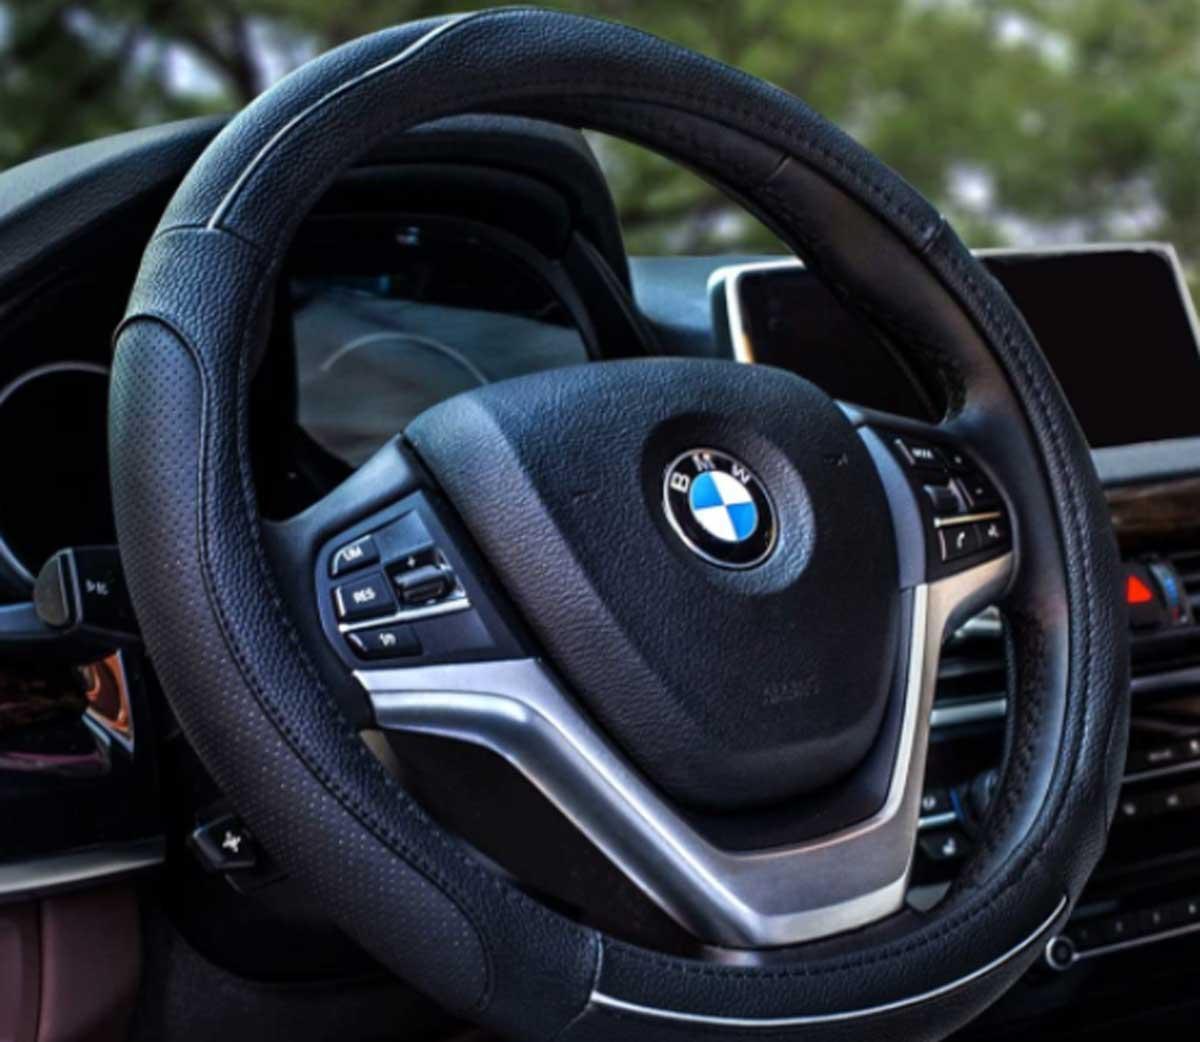 Colore : Black copertura del volante dellautomobile Vera Pelle Auto Car universale Skidproof morbido silicone COPRIVOLANTE coperture della protezione Copertura Volante